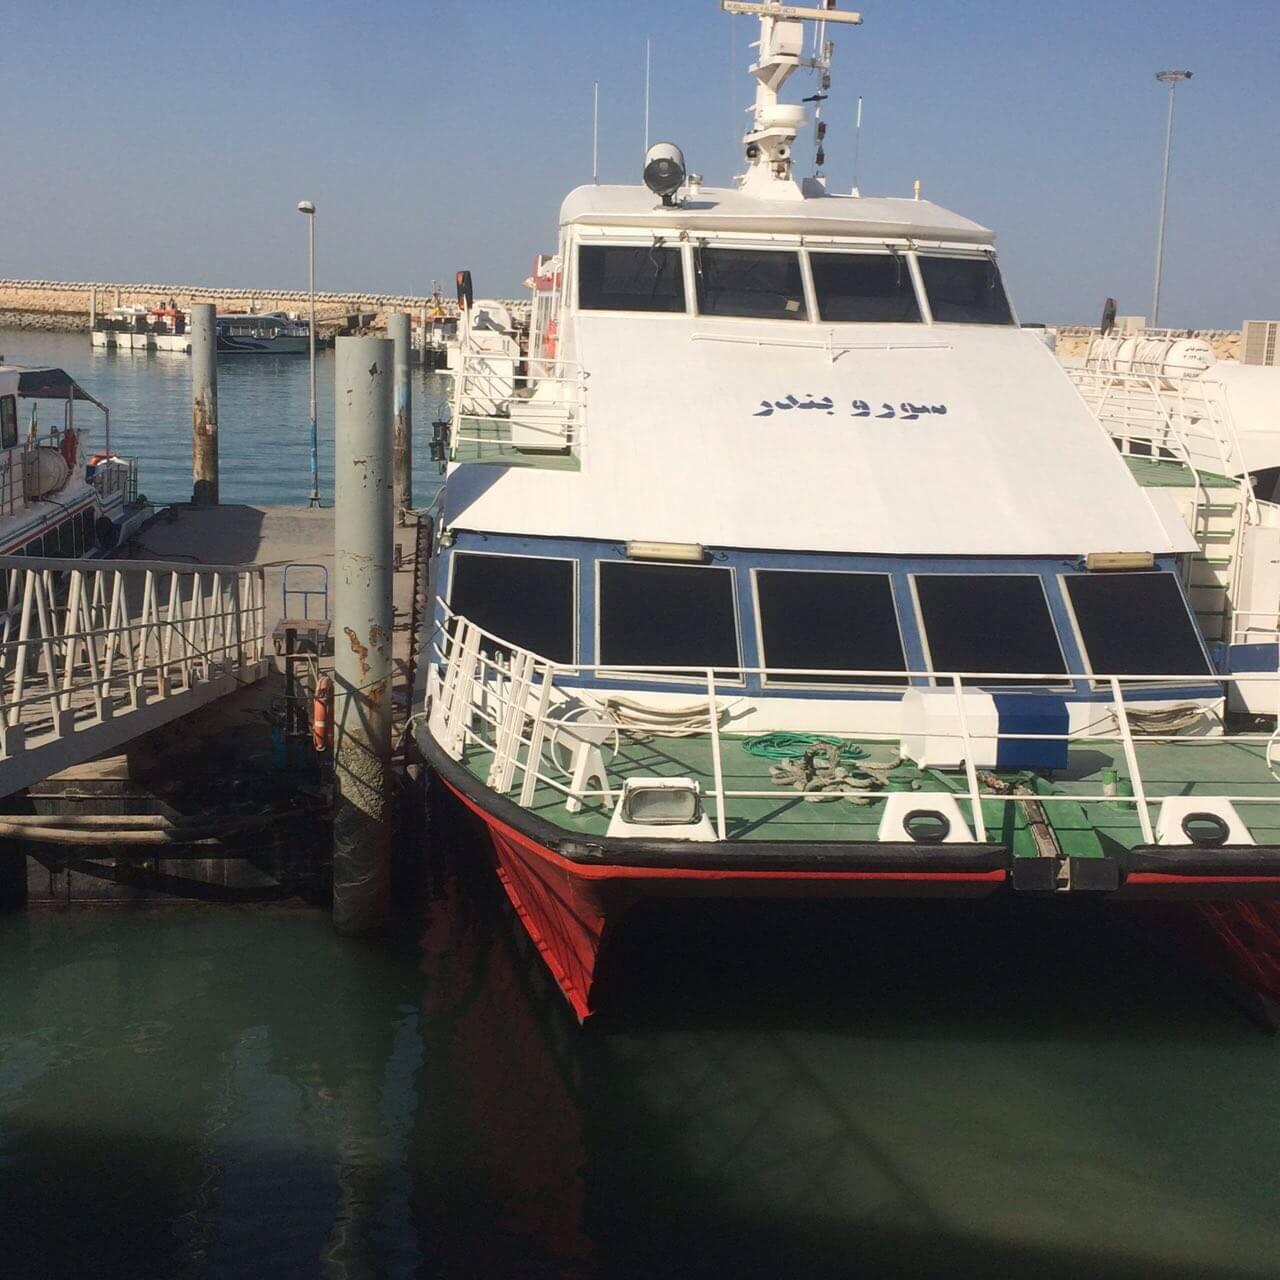 اجاره کشتی مسافربری کشتی مسافربری اجاره کشتی مسافربری IMG 20170311 231757